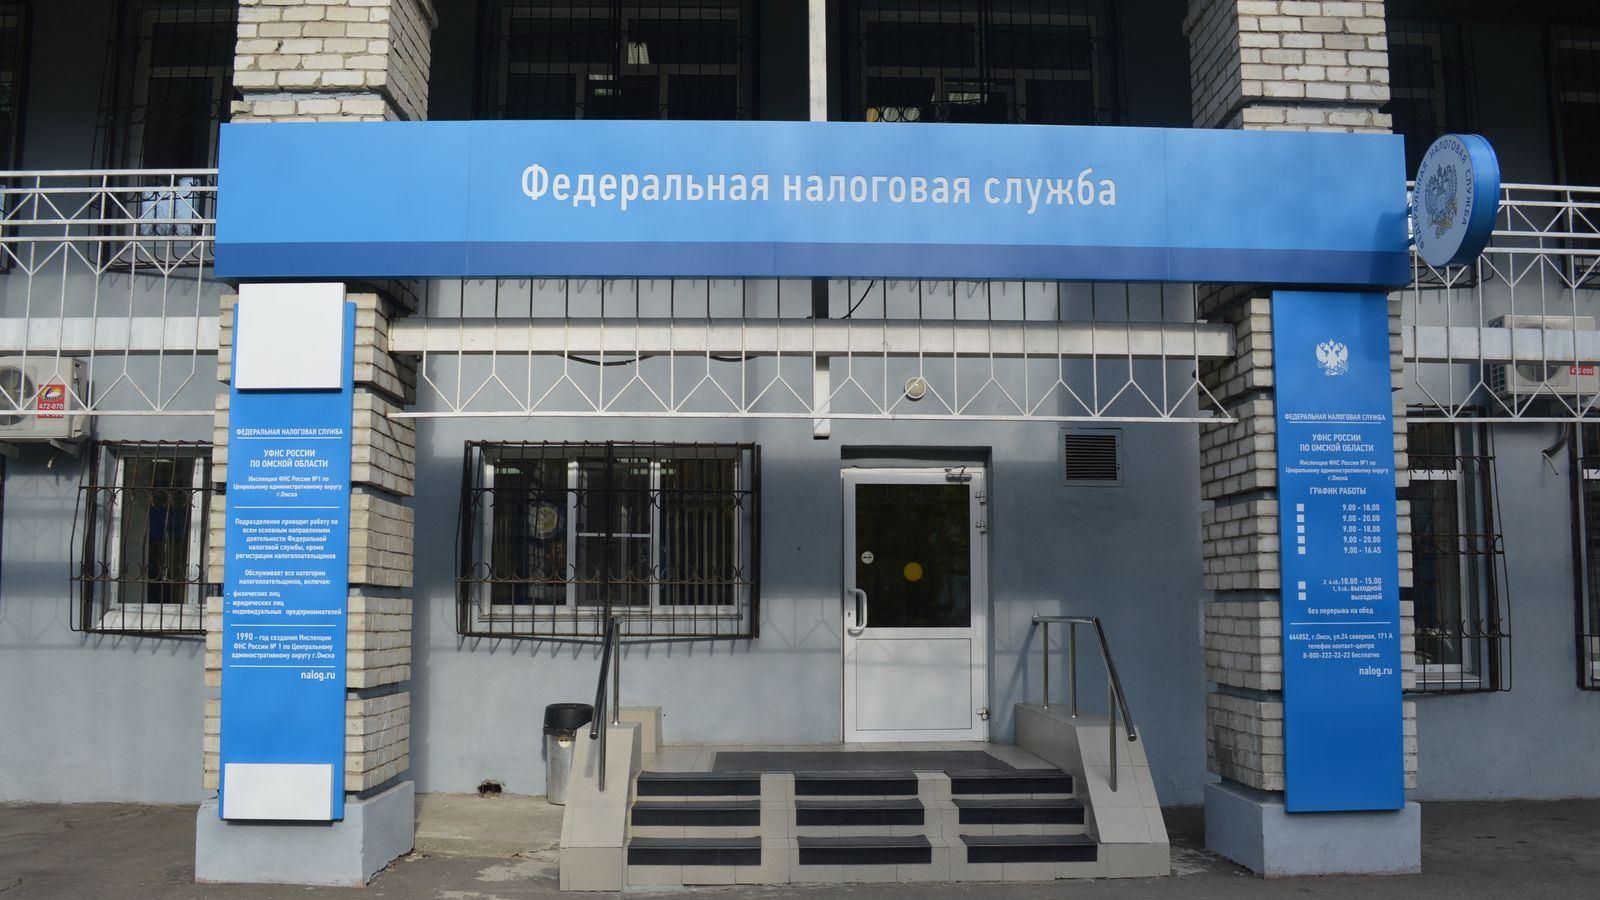 Налоговая омск регистрация ип регистрации ооо печать